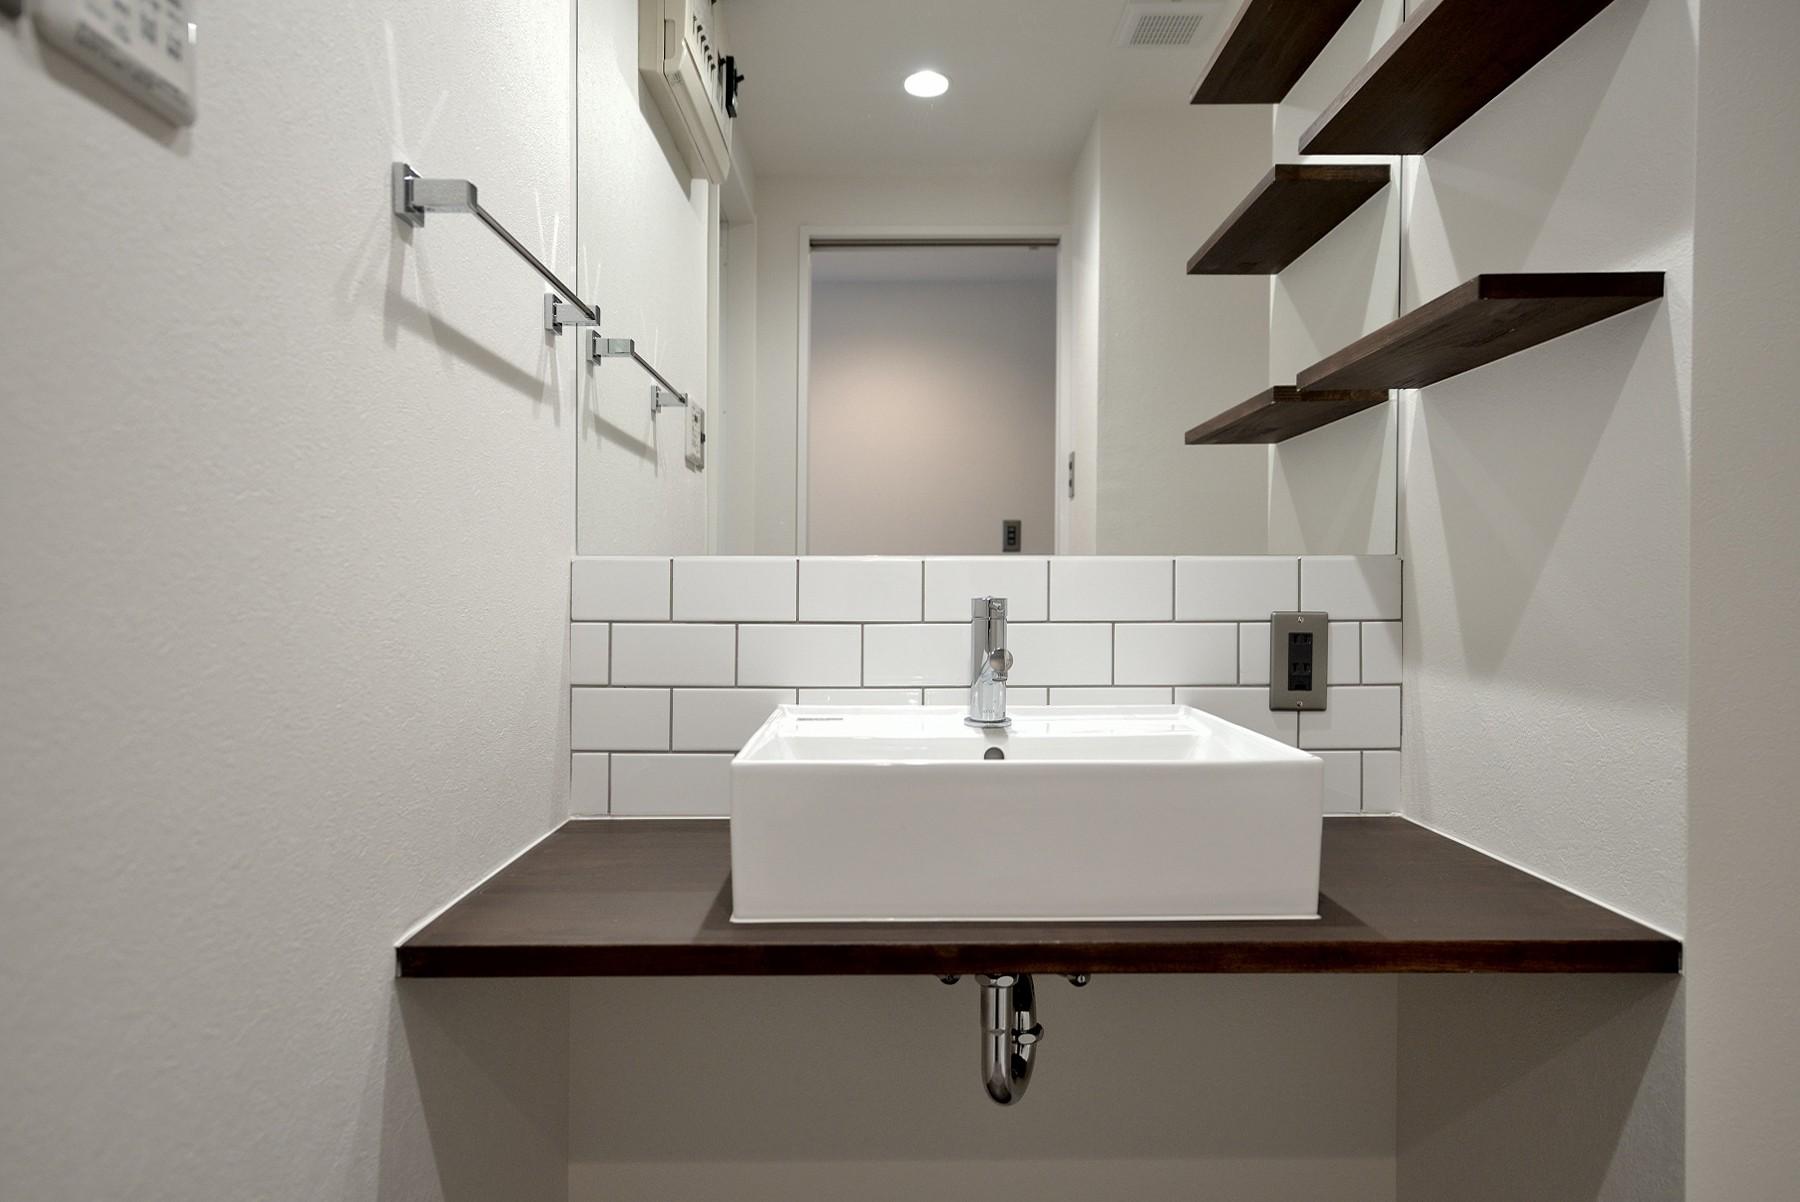 バス/トイレ事例:洗面台(モルタル仕上げのキッチン×キャットステップのあるワンストップリノベーション住まい)